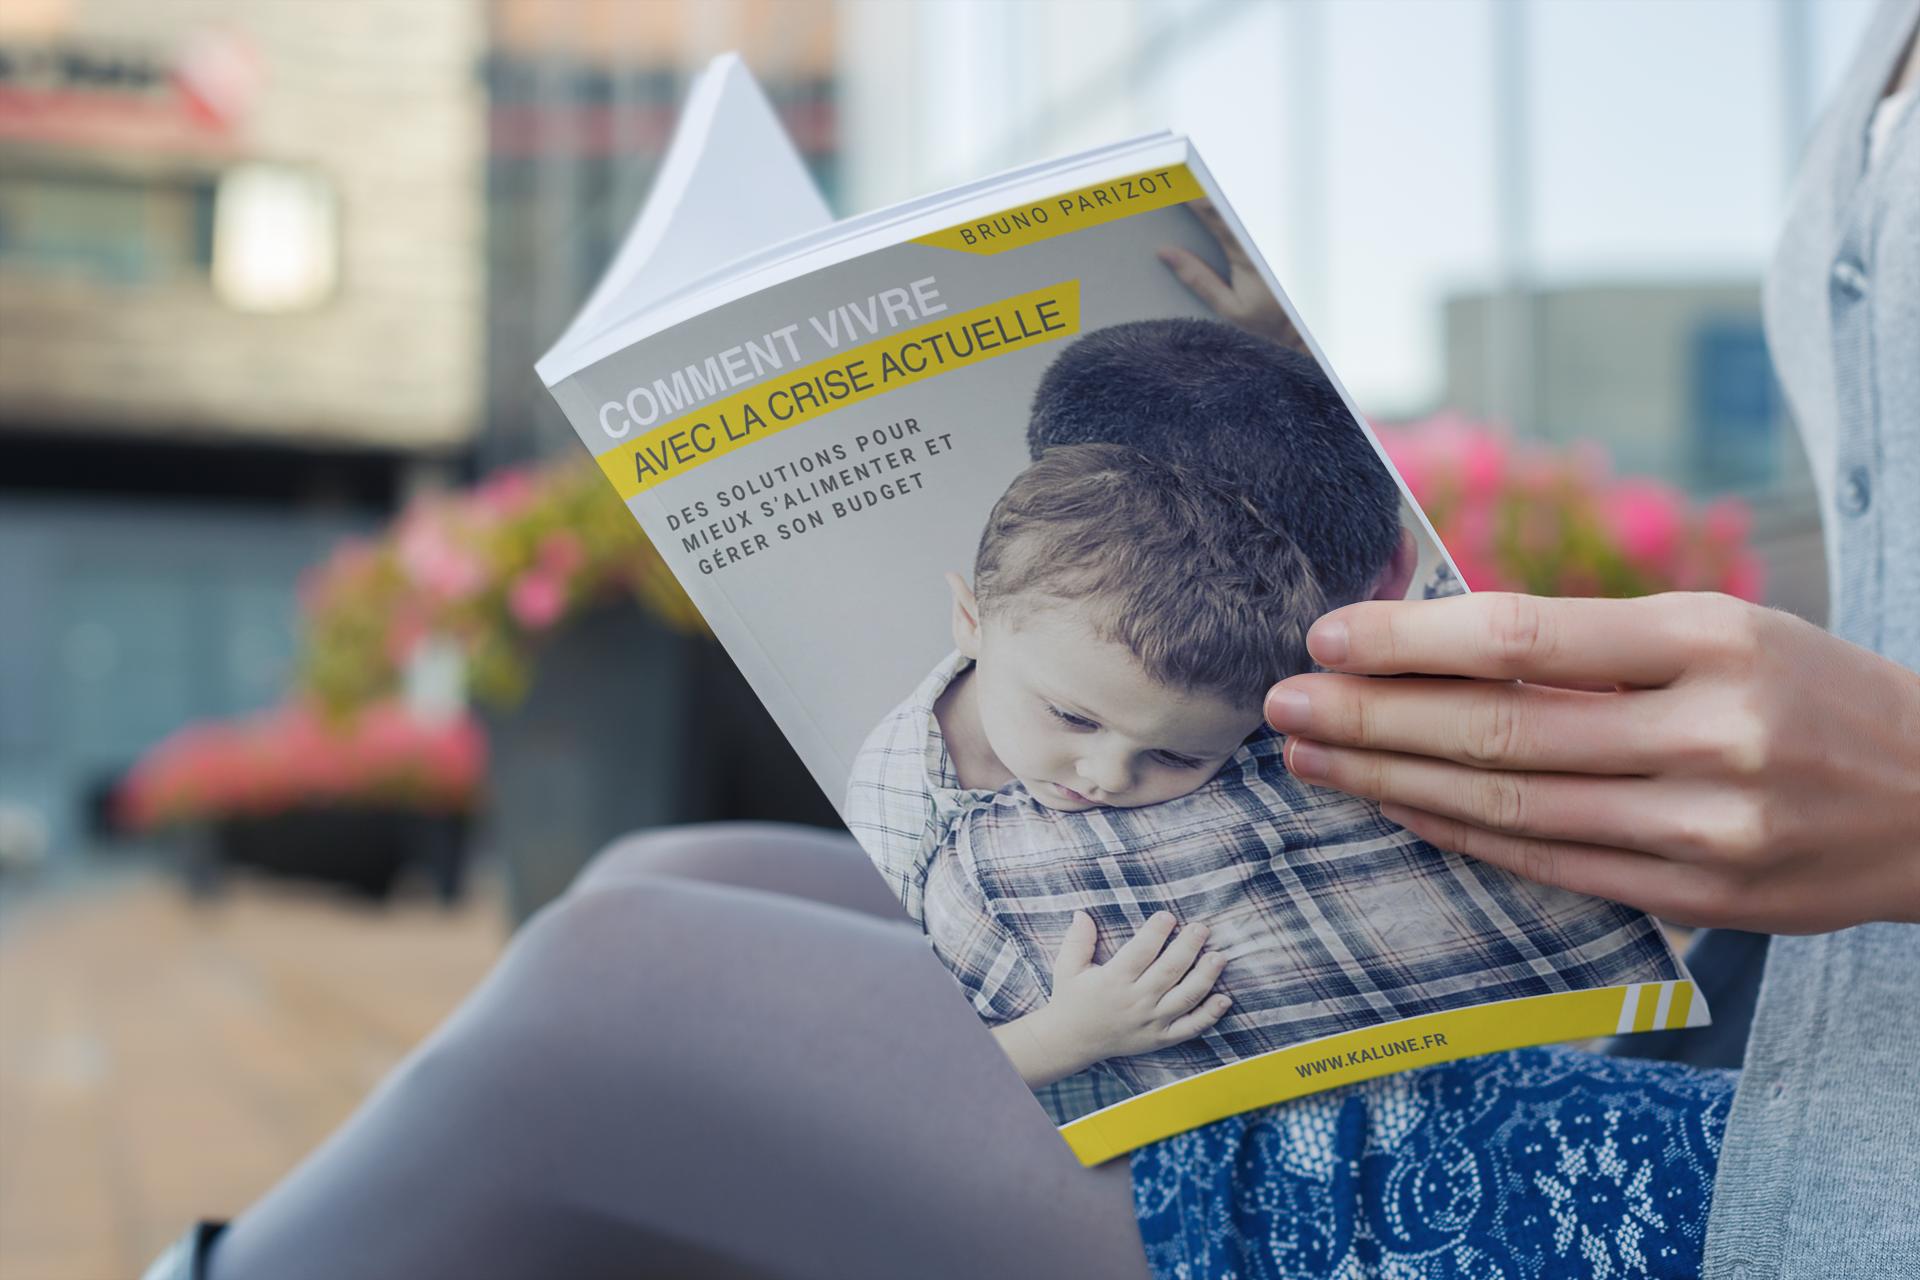 livre Comment vivre avec la crise actuelle. Des solutions pour mieux s'alimenter et mieux gérer son budget.